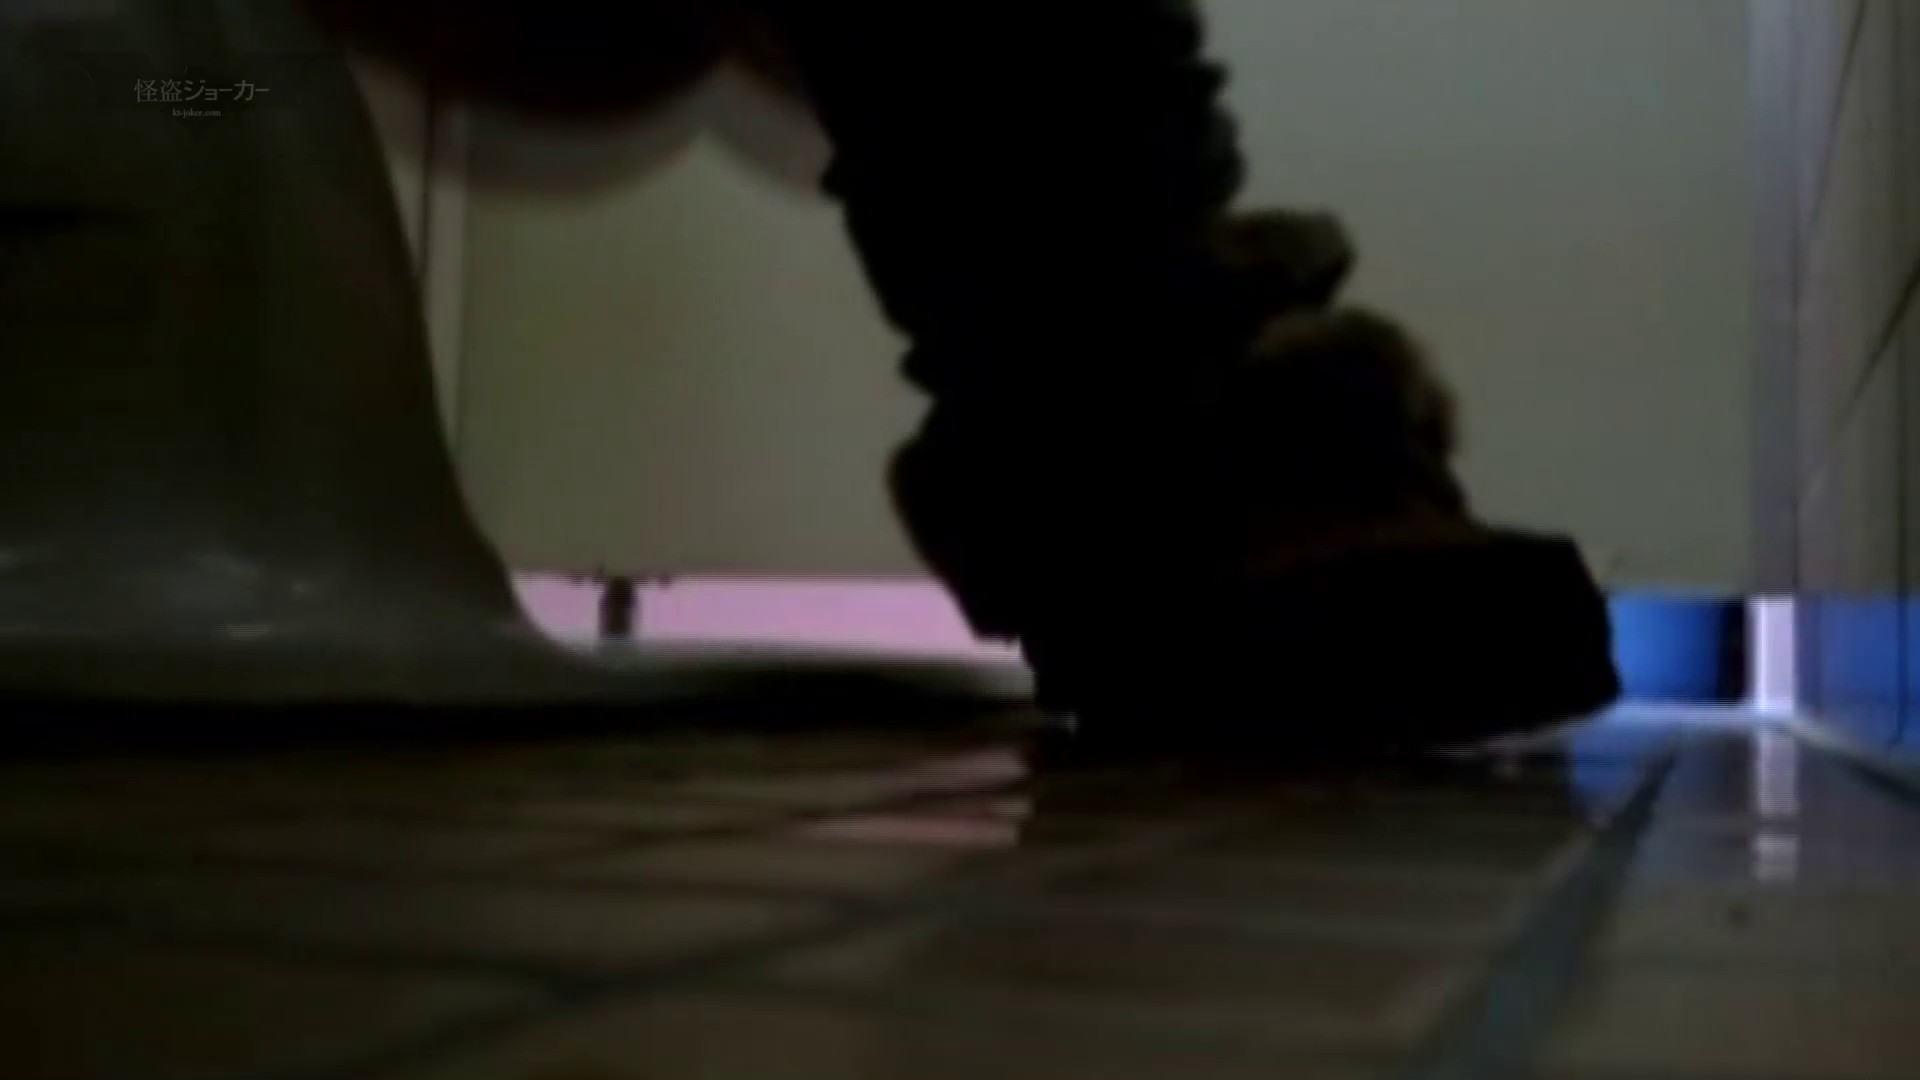 化粧室絵巻 番外編編 VOL.02 銀河さん庫出し映像2!!映像が・・・ 洗面所のぞき オメコ動画キャプチャ 101枚 99